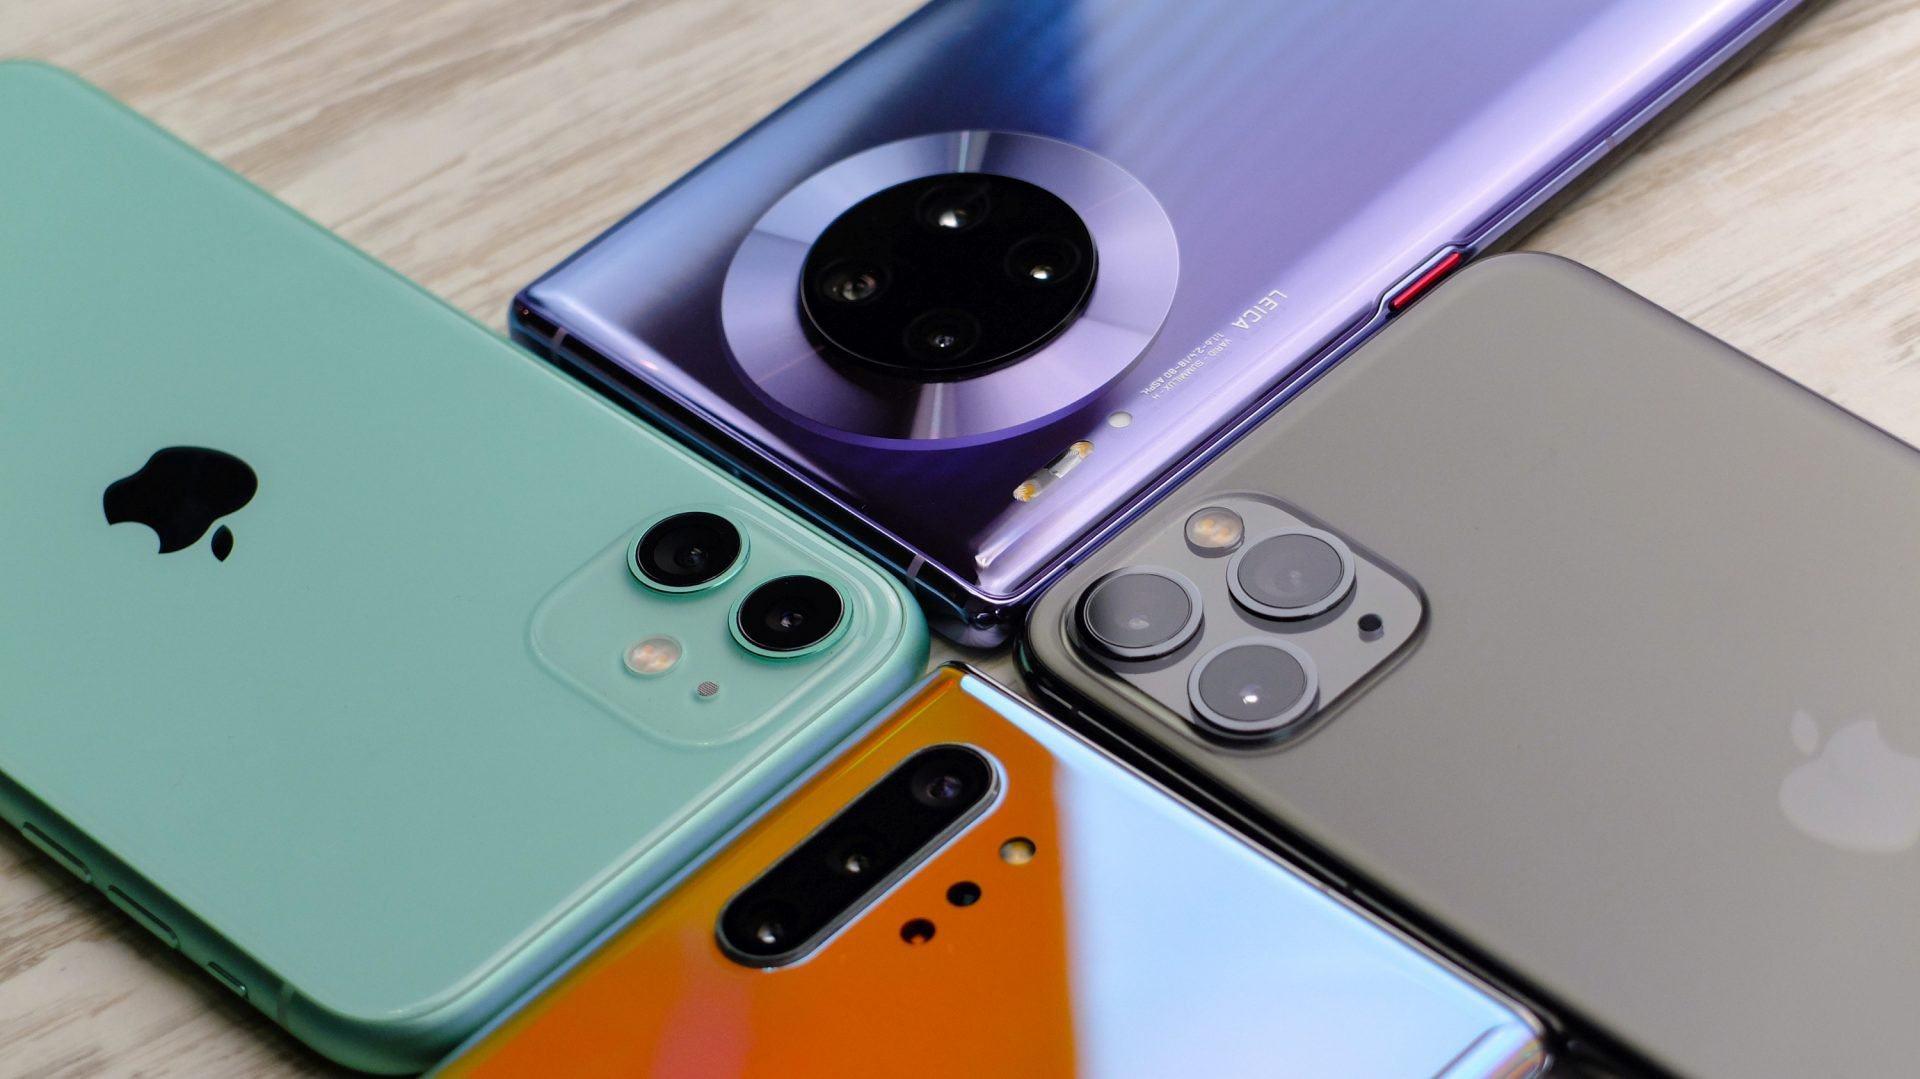 华为手机一年降价多少算正常? - huawei iphone